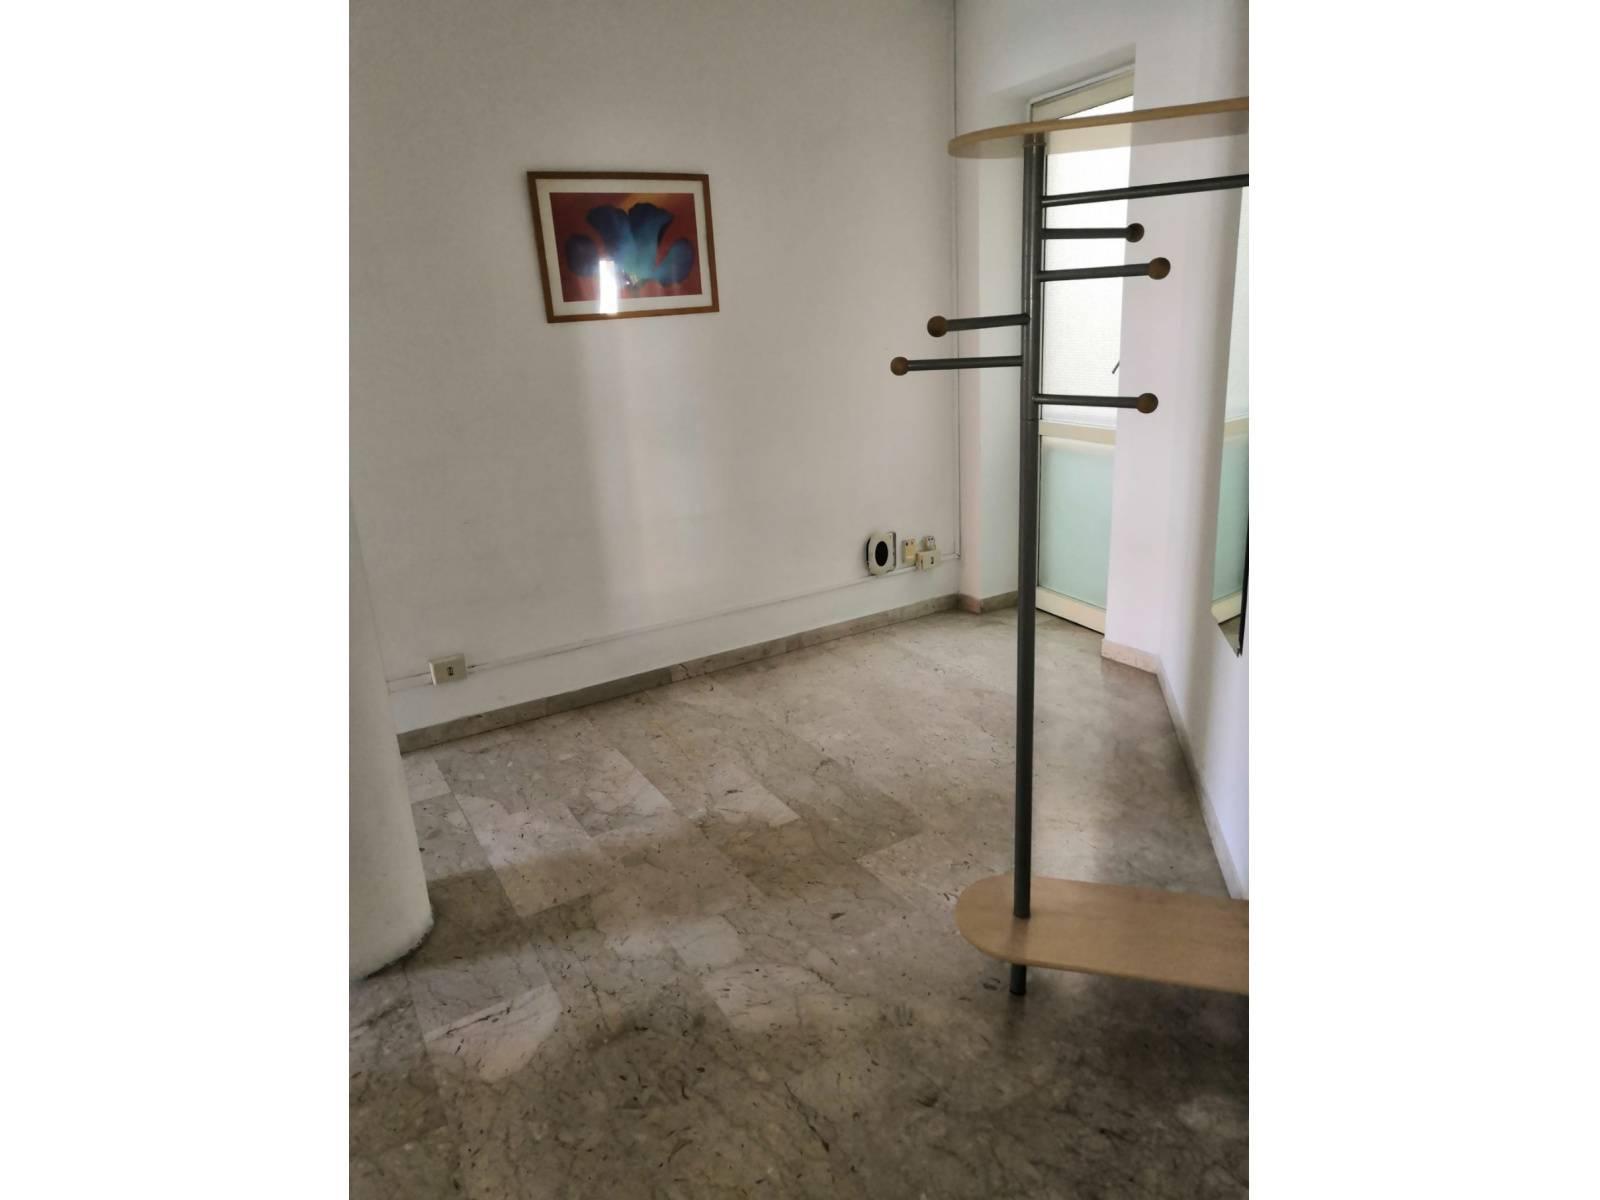 1118420677 Quadrilocale in Viale Di Trastevere, Roma, Zona Trastevere